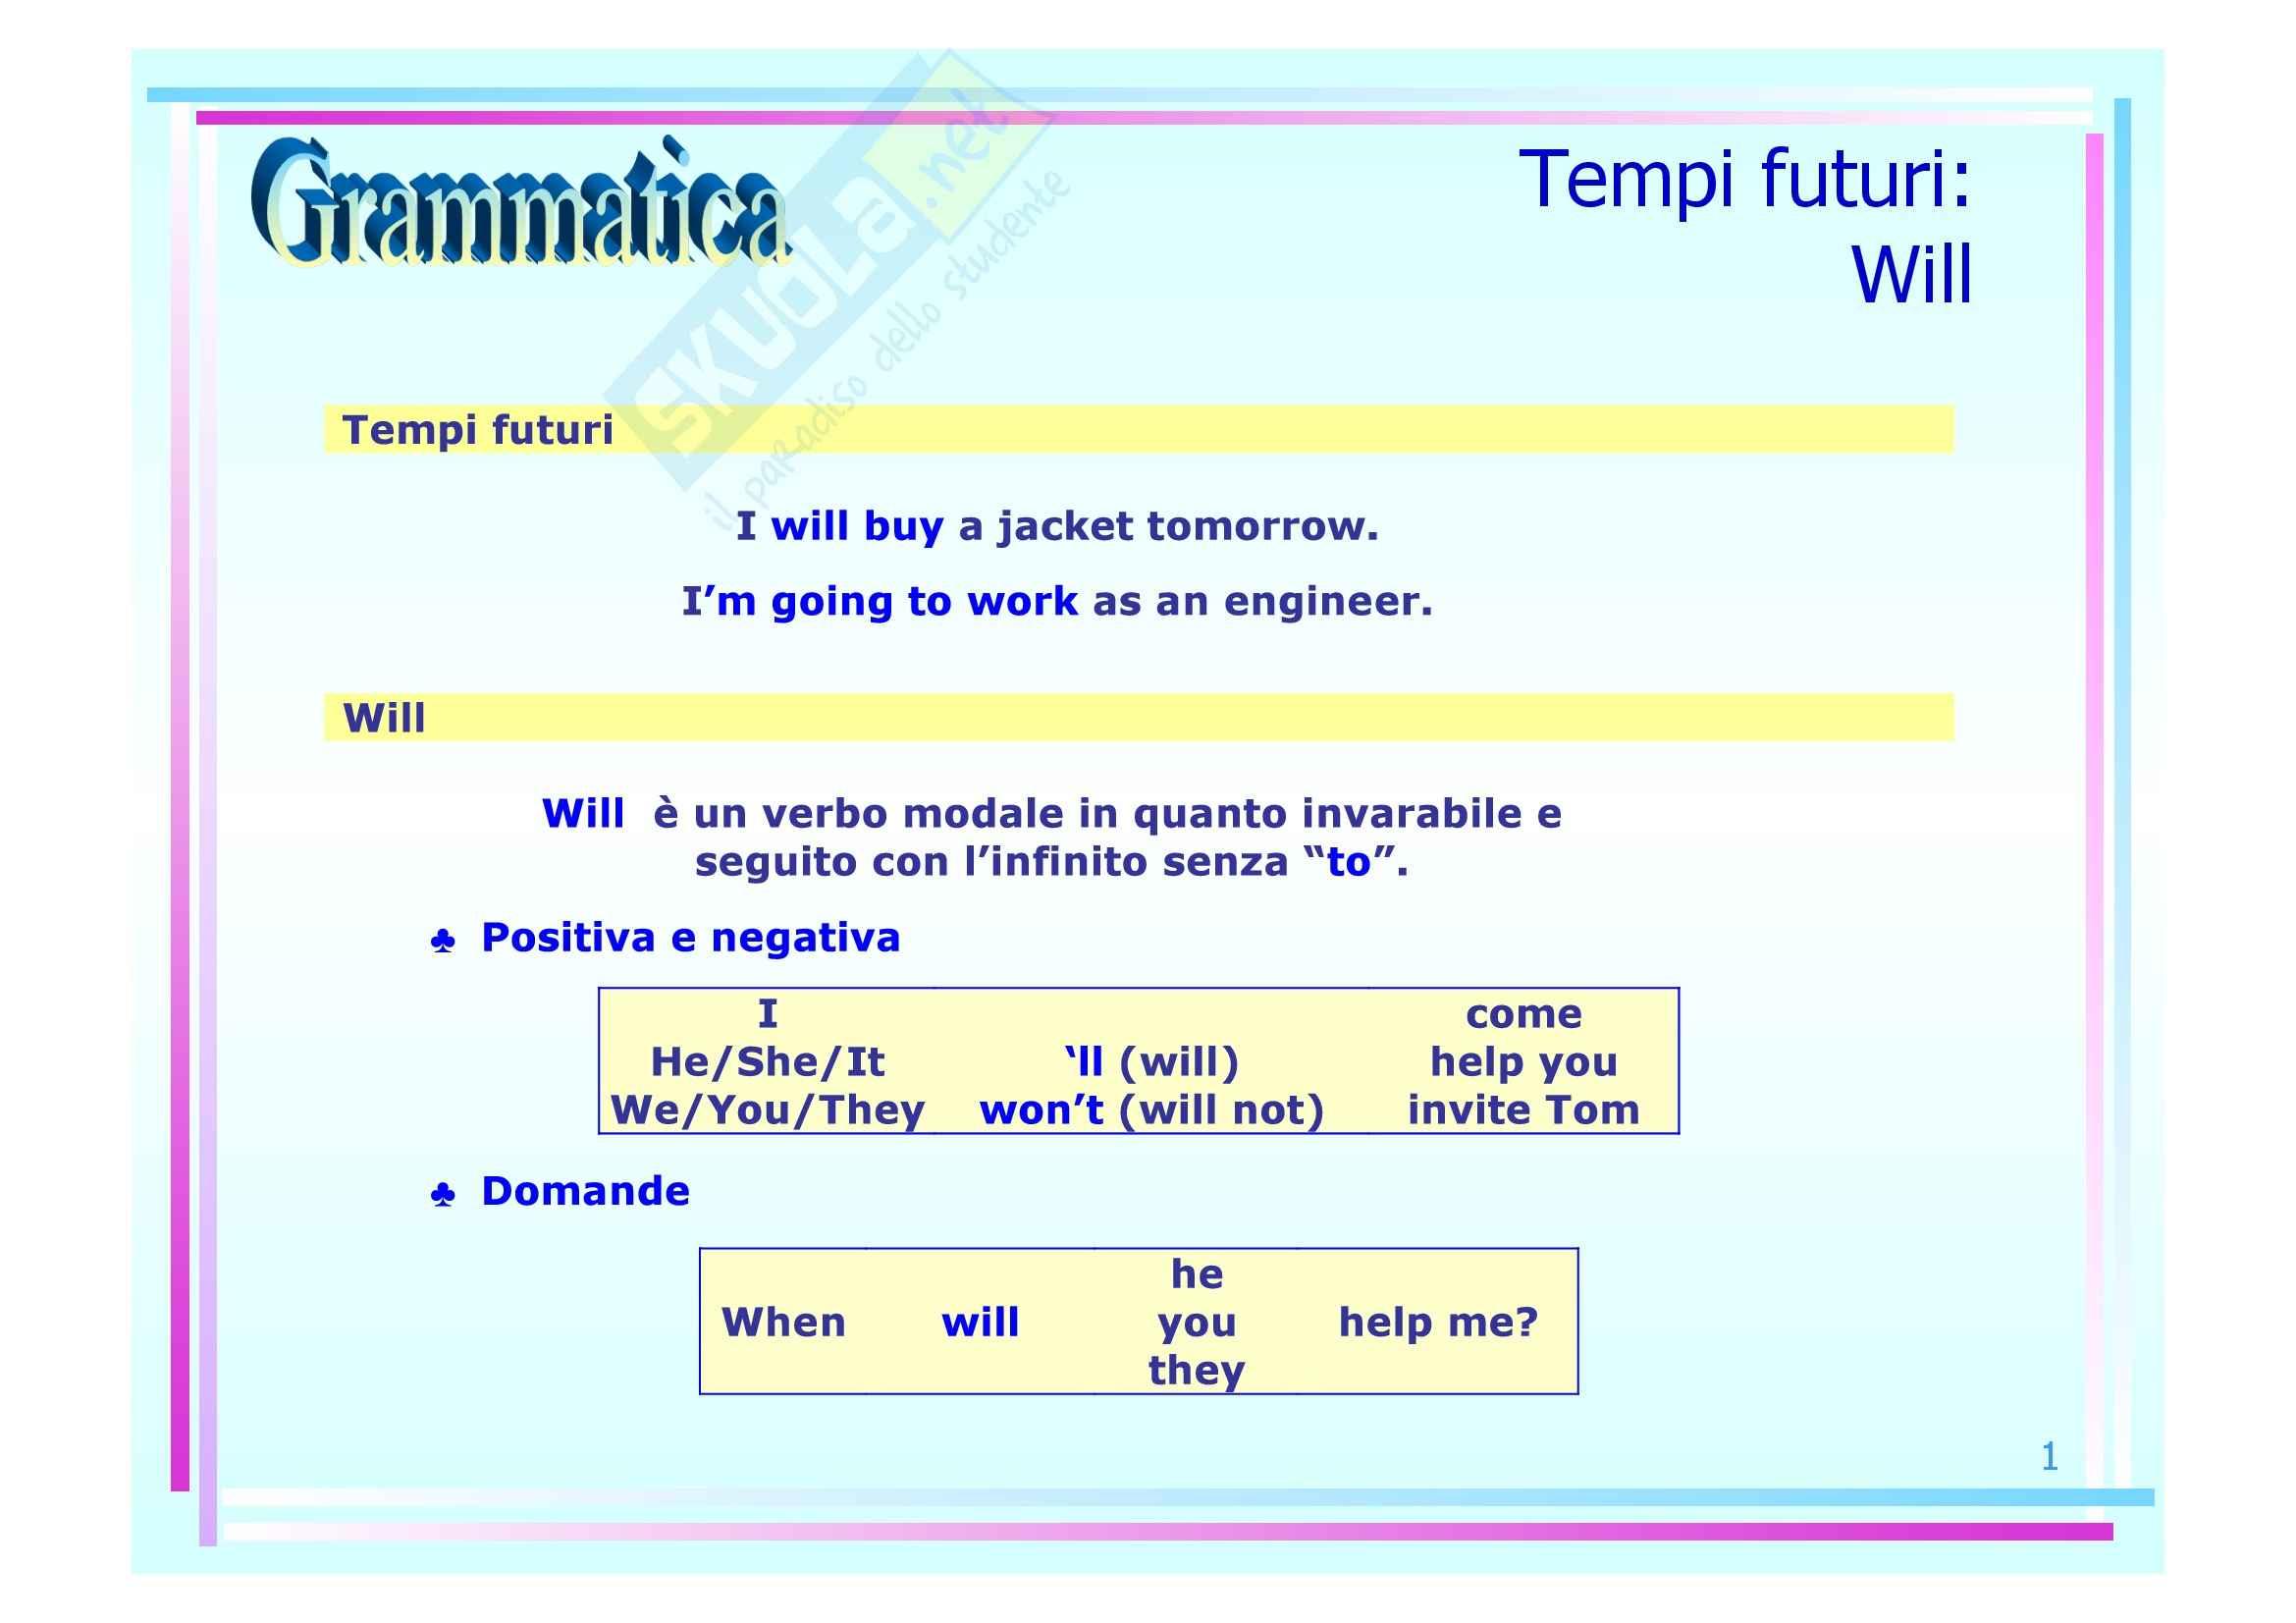 Grammatica inglese - futuro e verbi modali